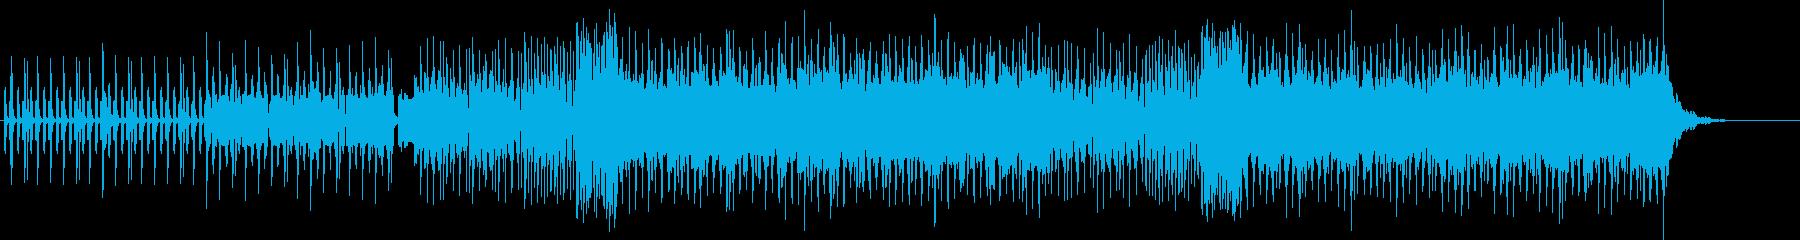 こいのぼり EDM風アレンジ 5月 初夏の再生済みの波形